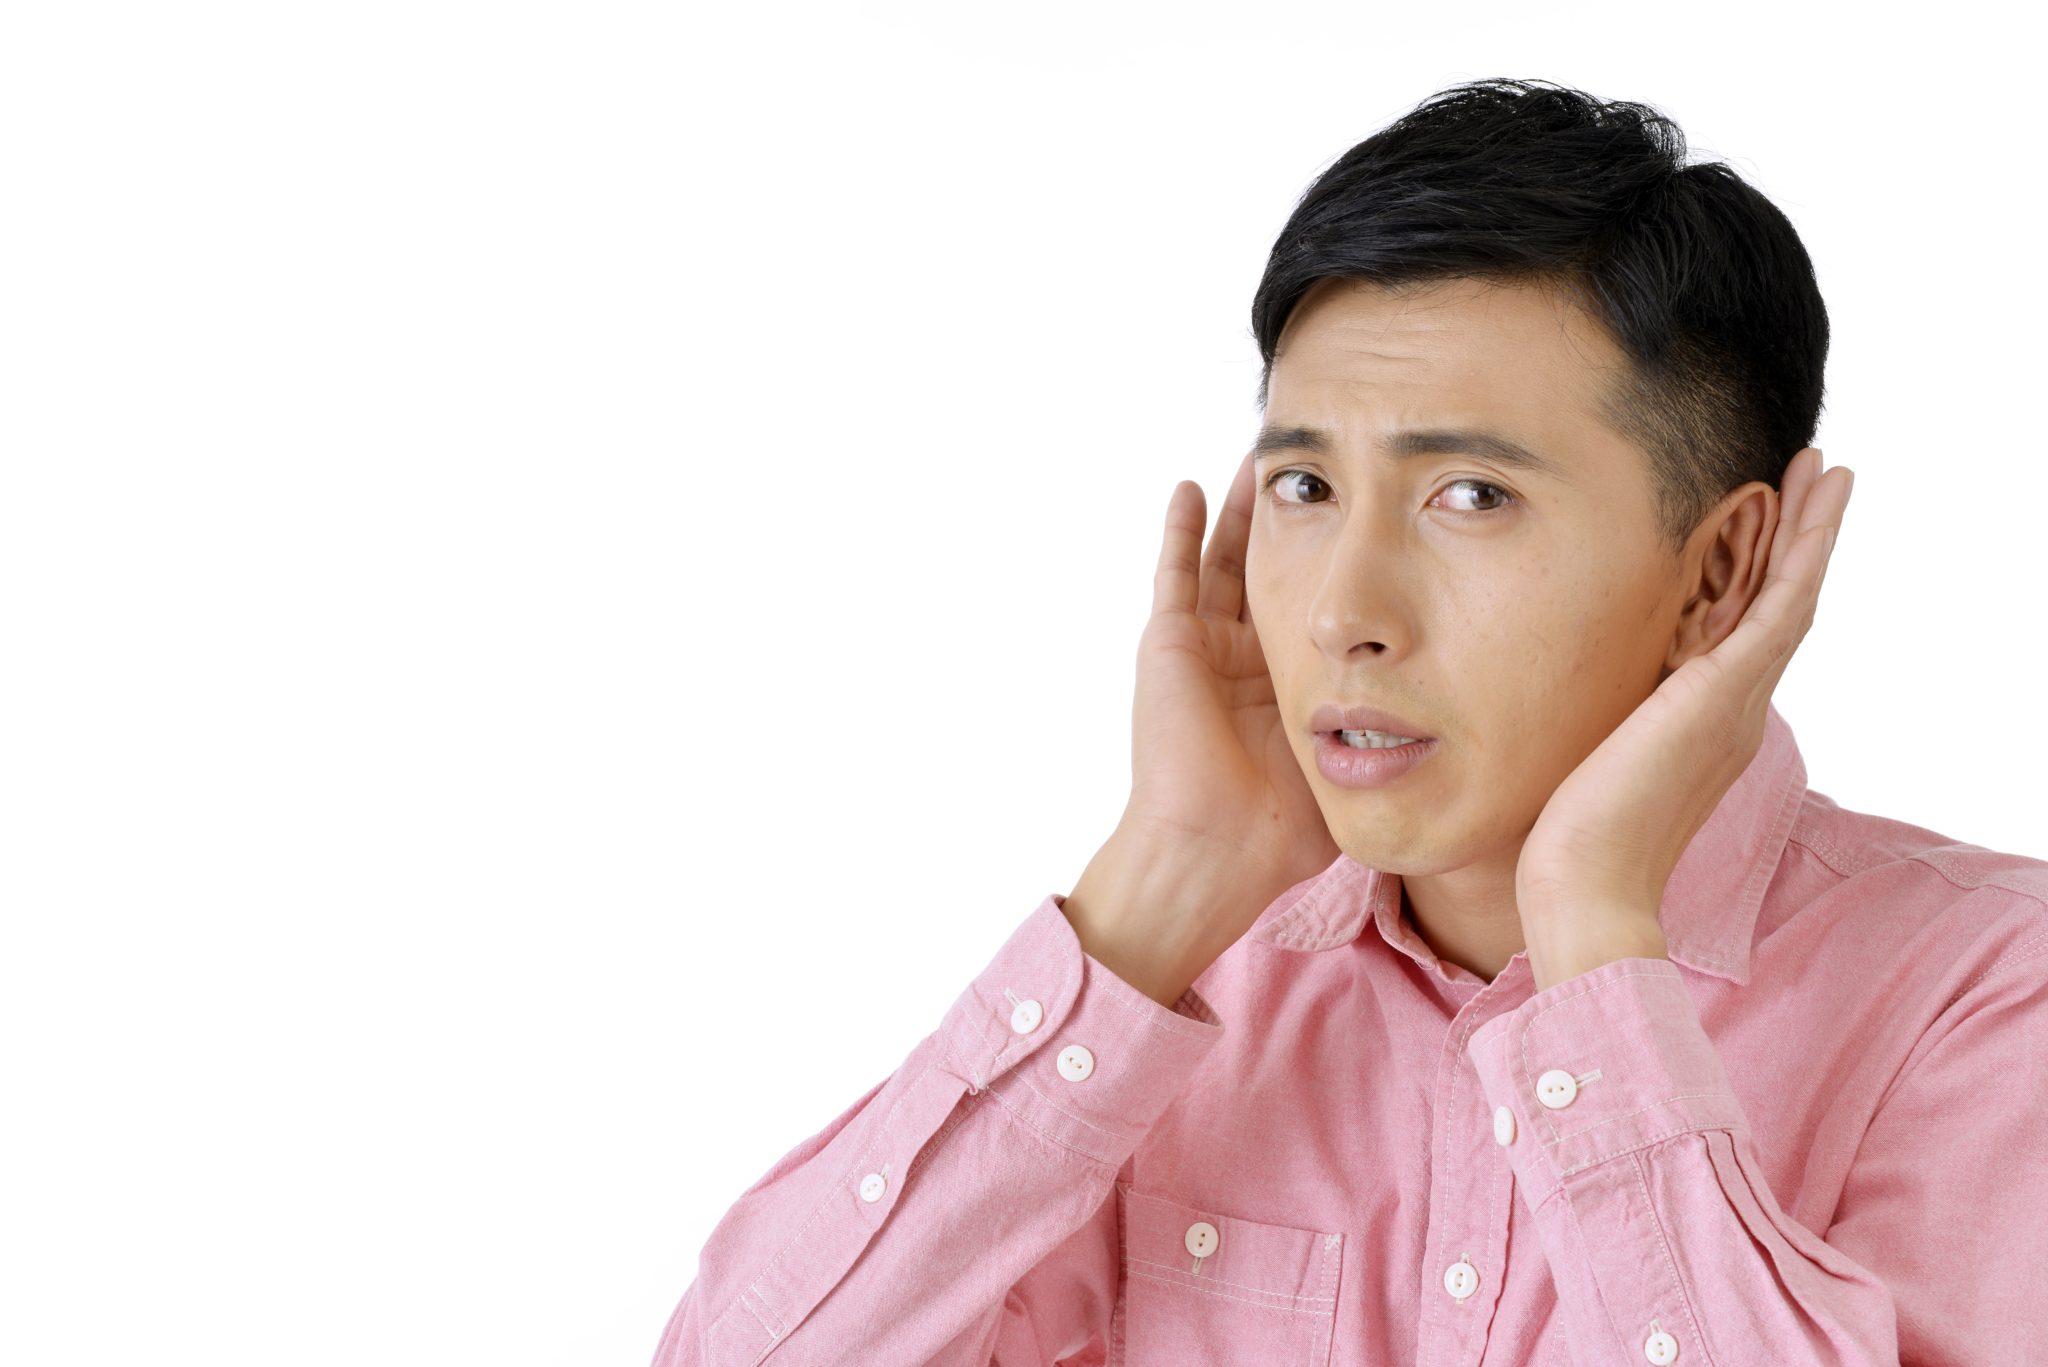 視乎成因,耳鳴聲音的來源也可以不同。